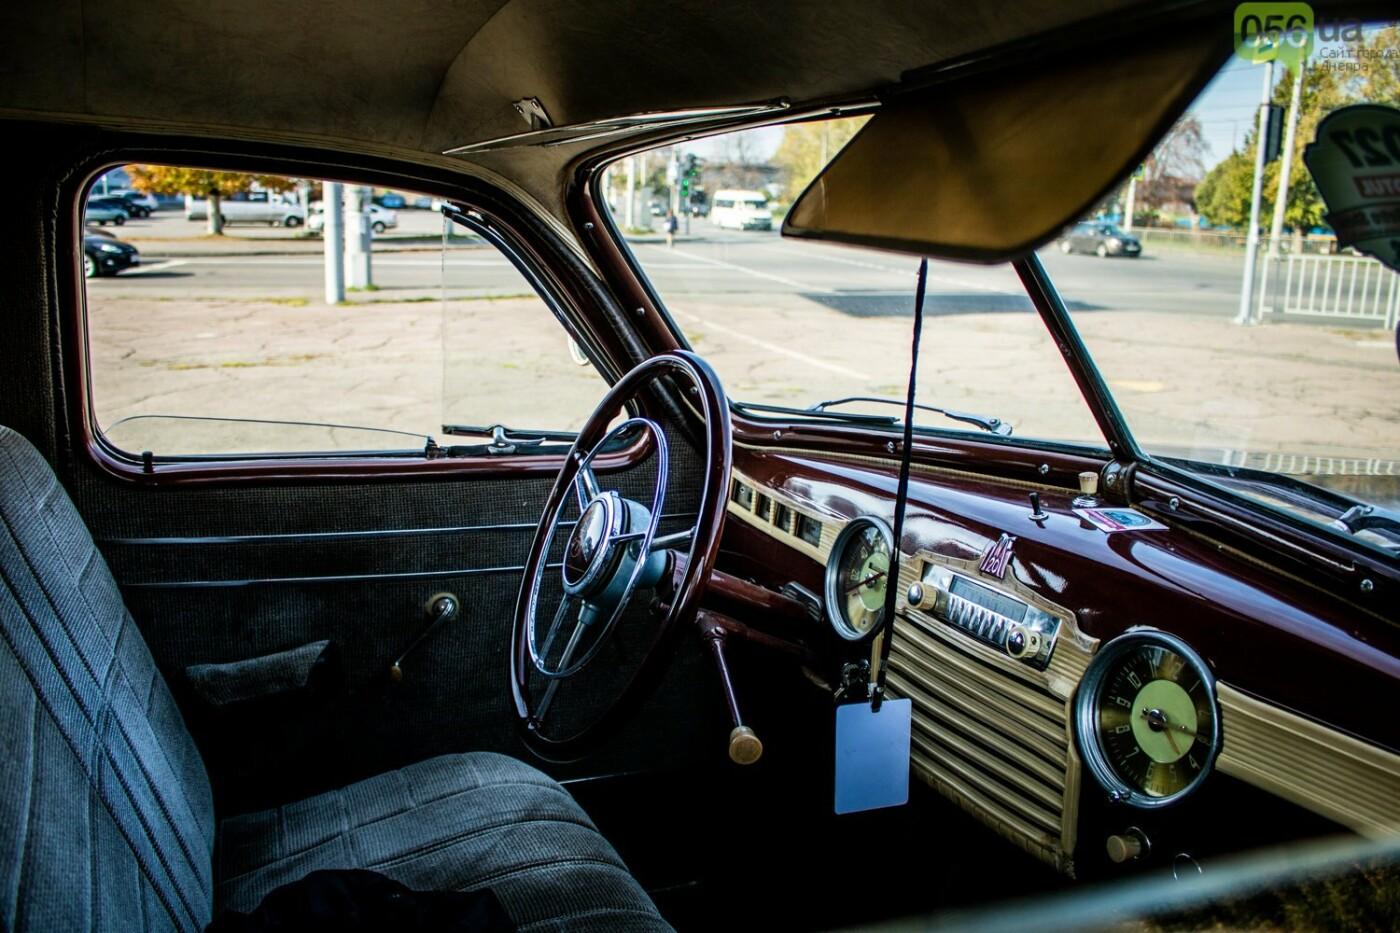 «Реставрация – это недешевое хобби»: как в Днепре проходит встреча владельцев ретро-автомобилей, - ФОТОРЕПОРТАЖ, фото-13